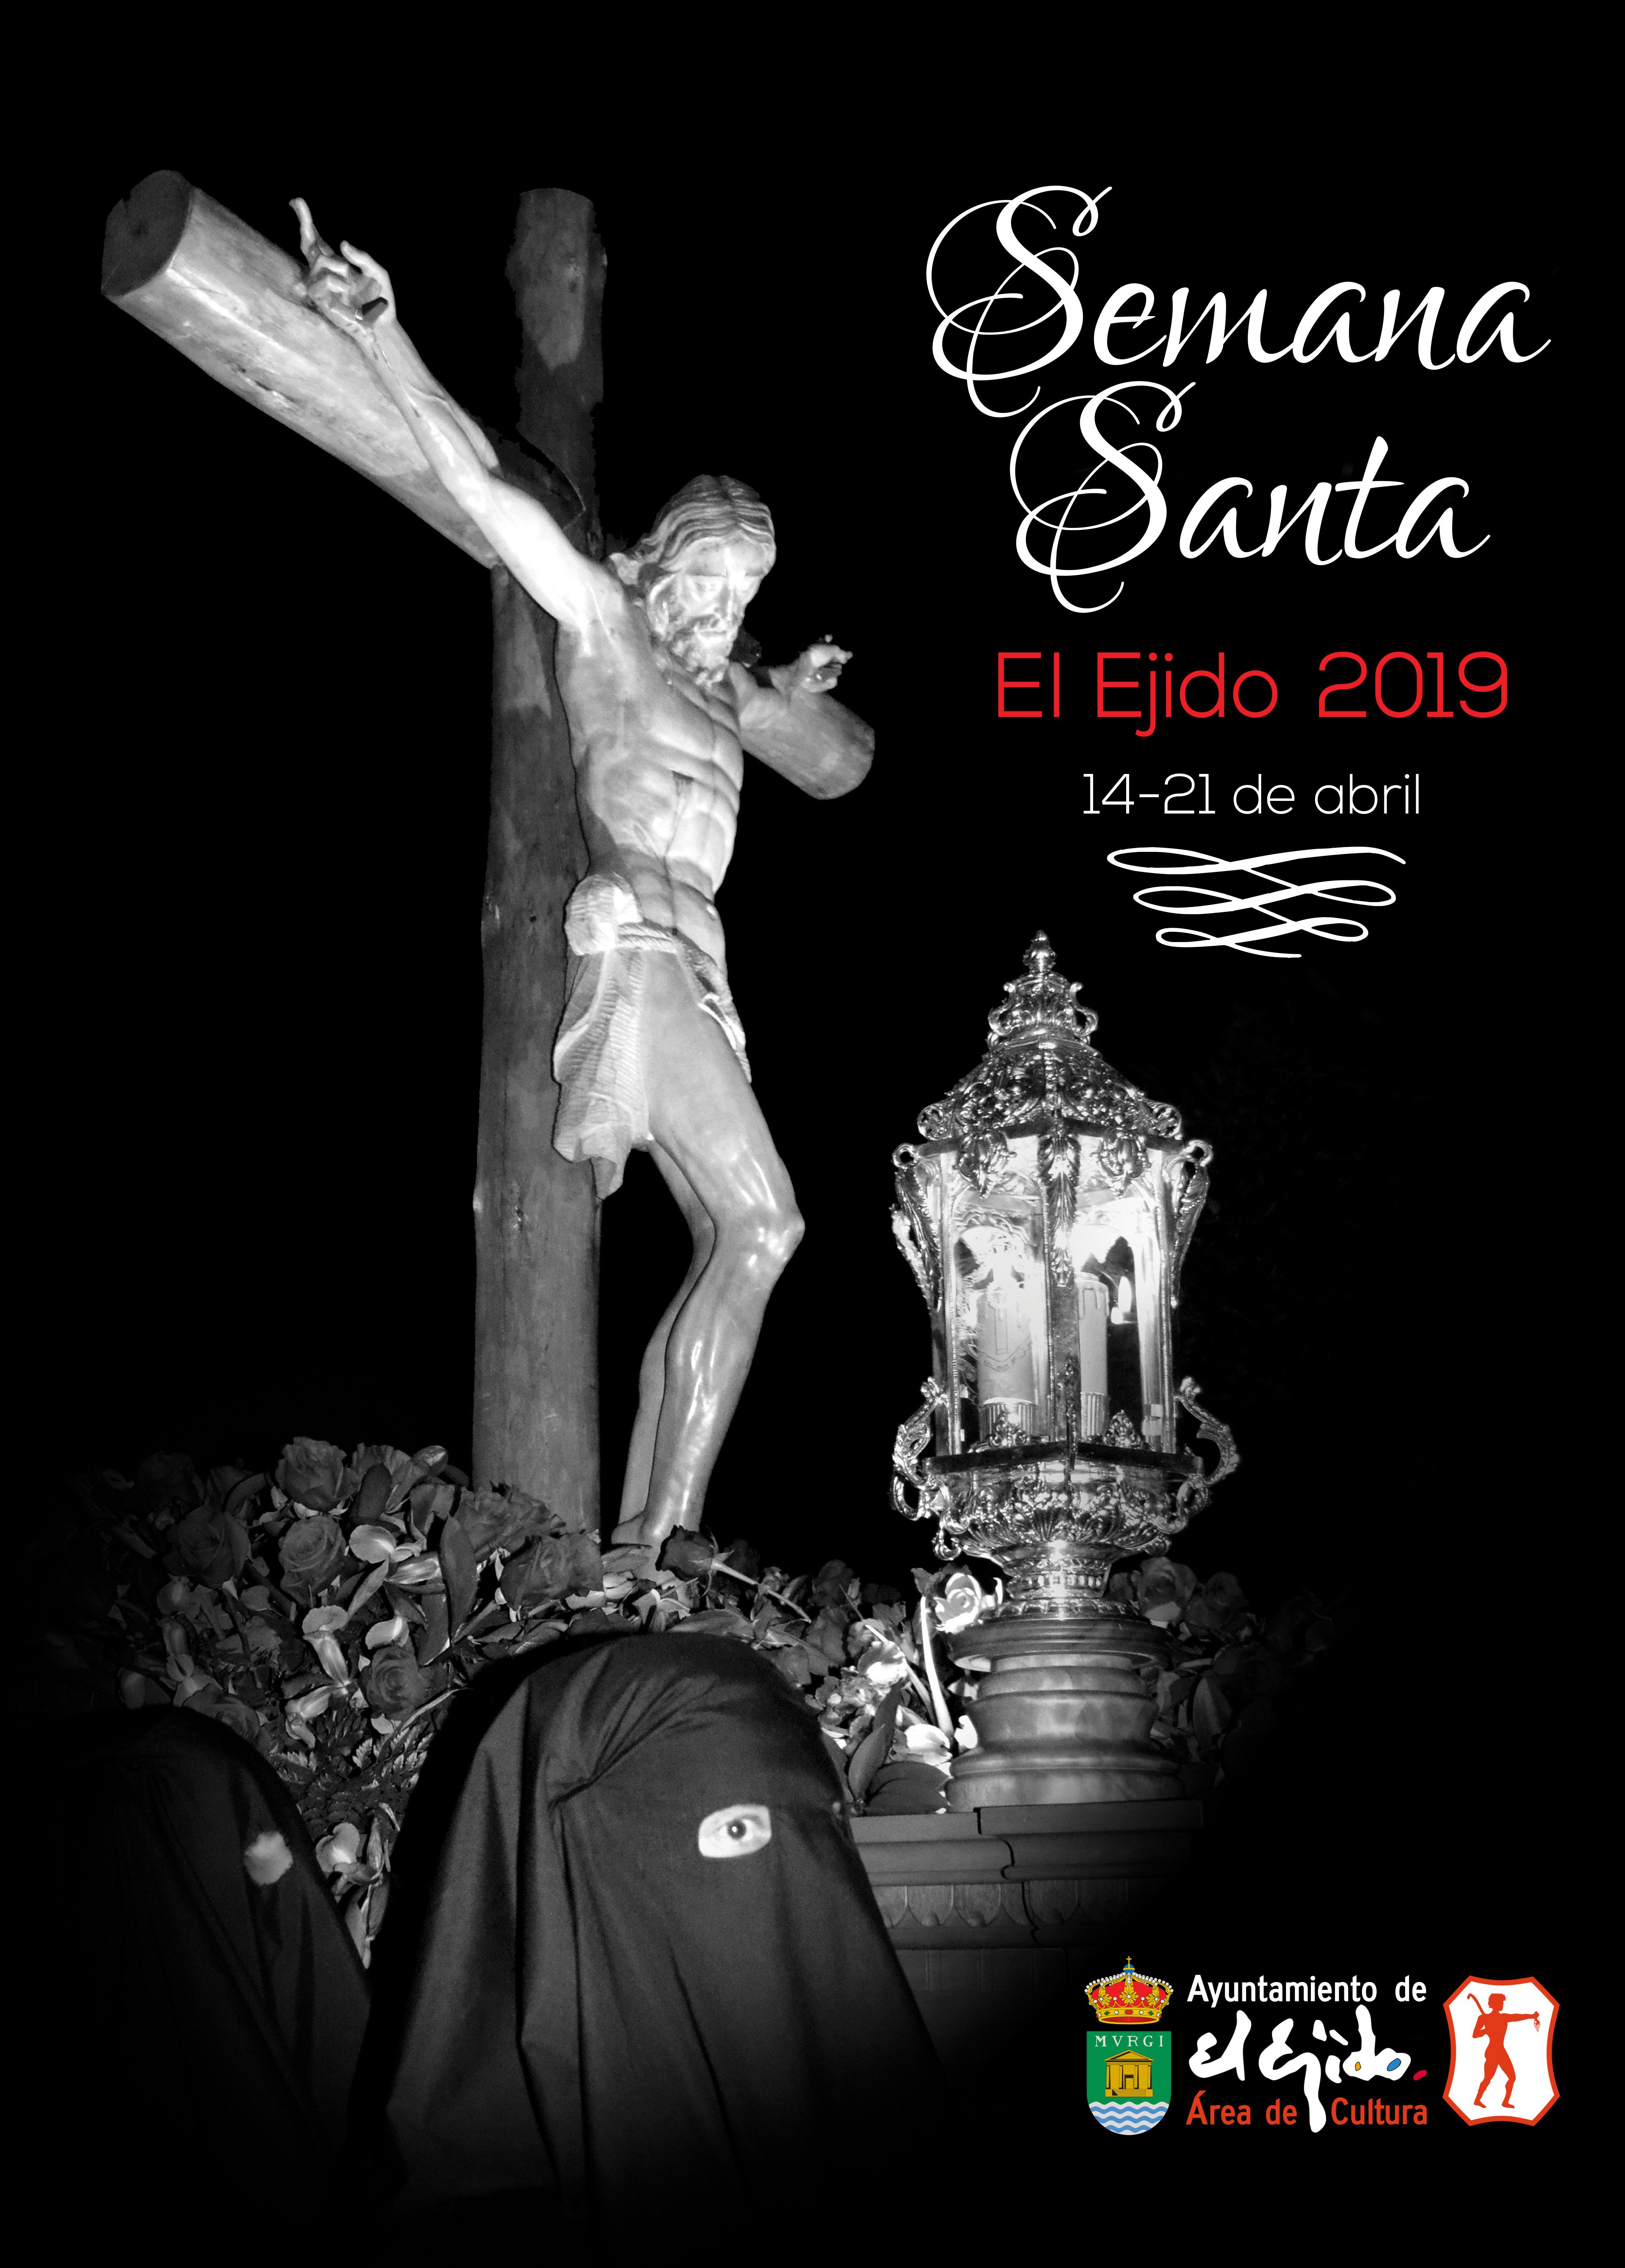 Semana Santa de El Ejido 2019